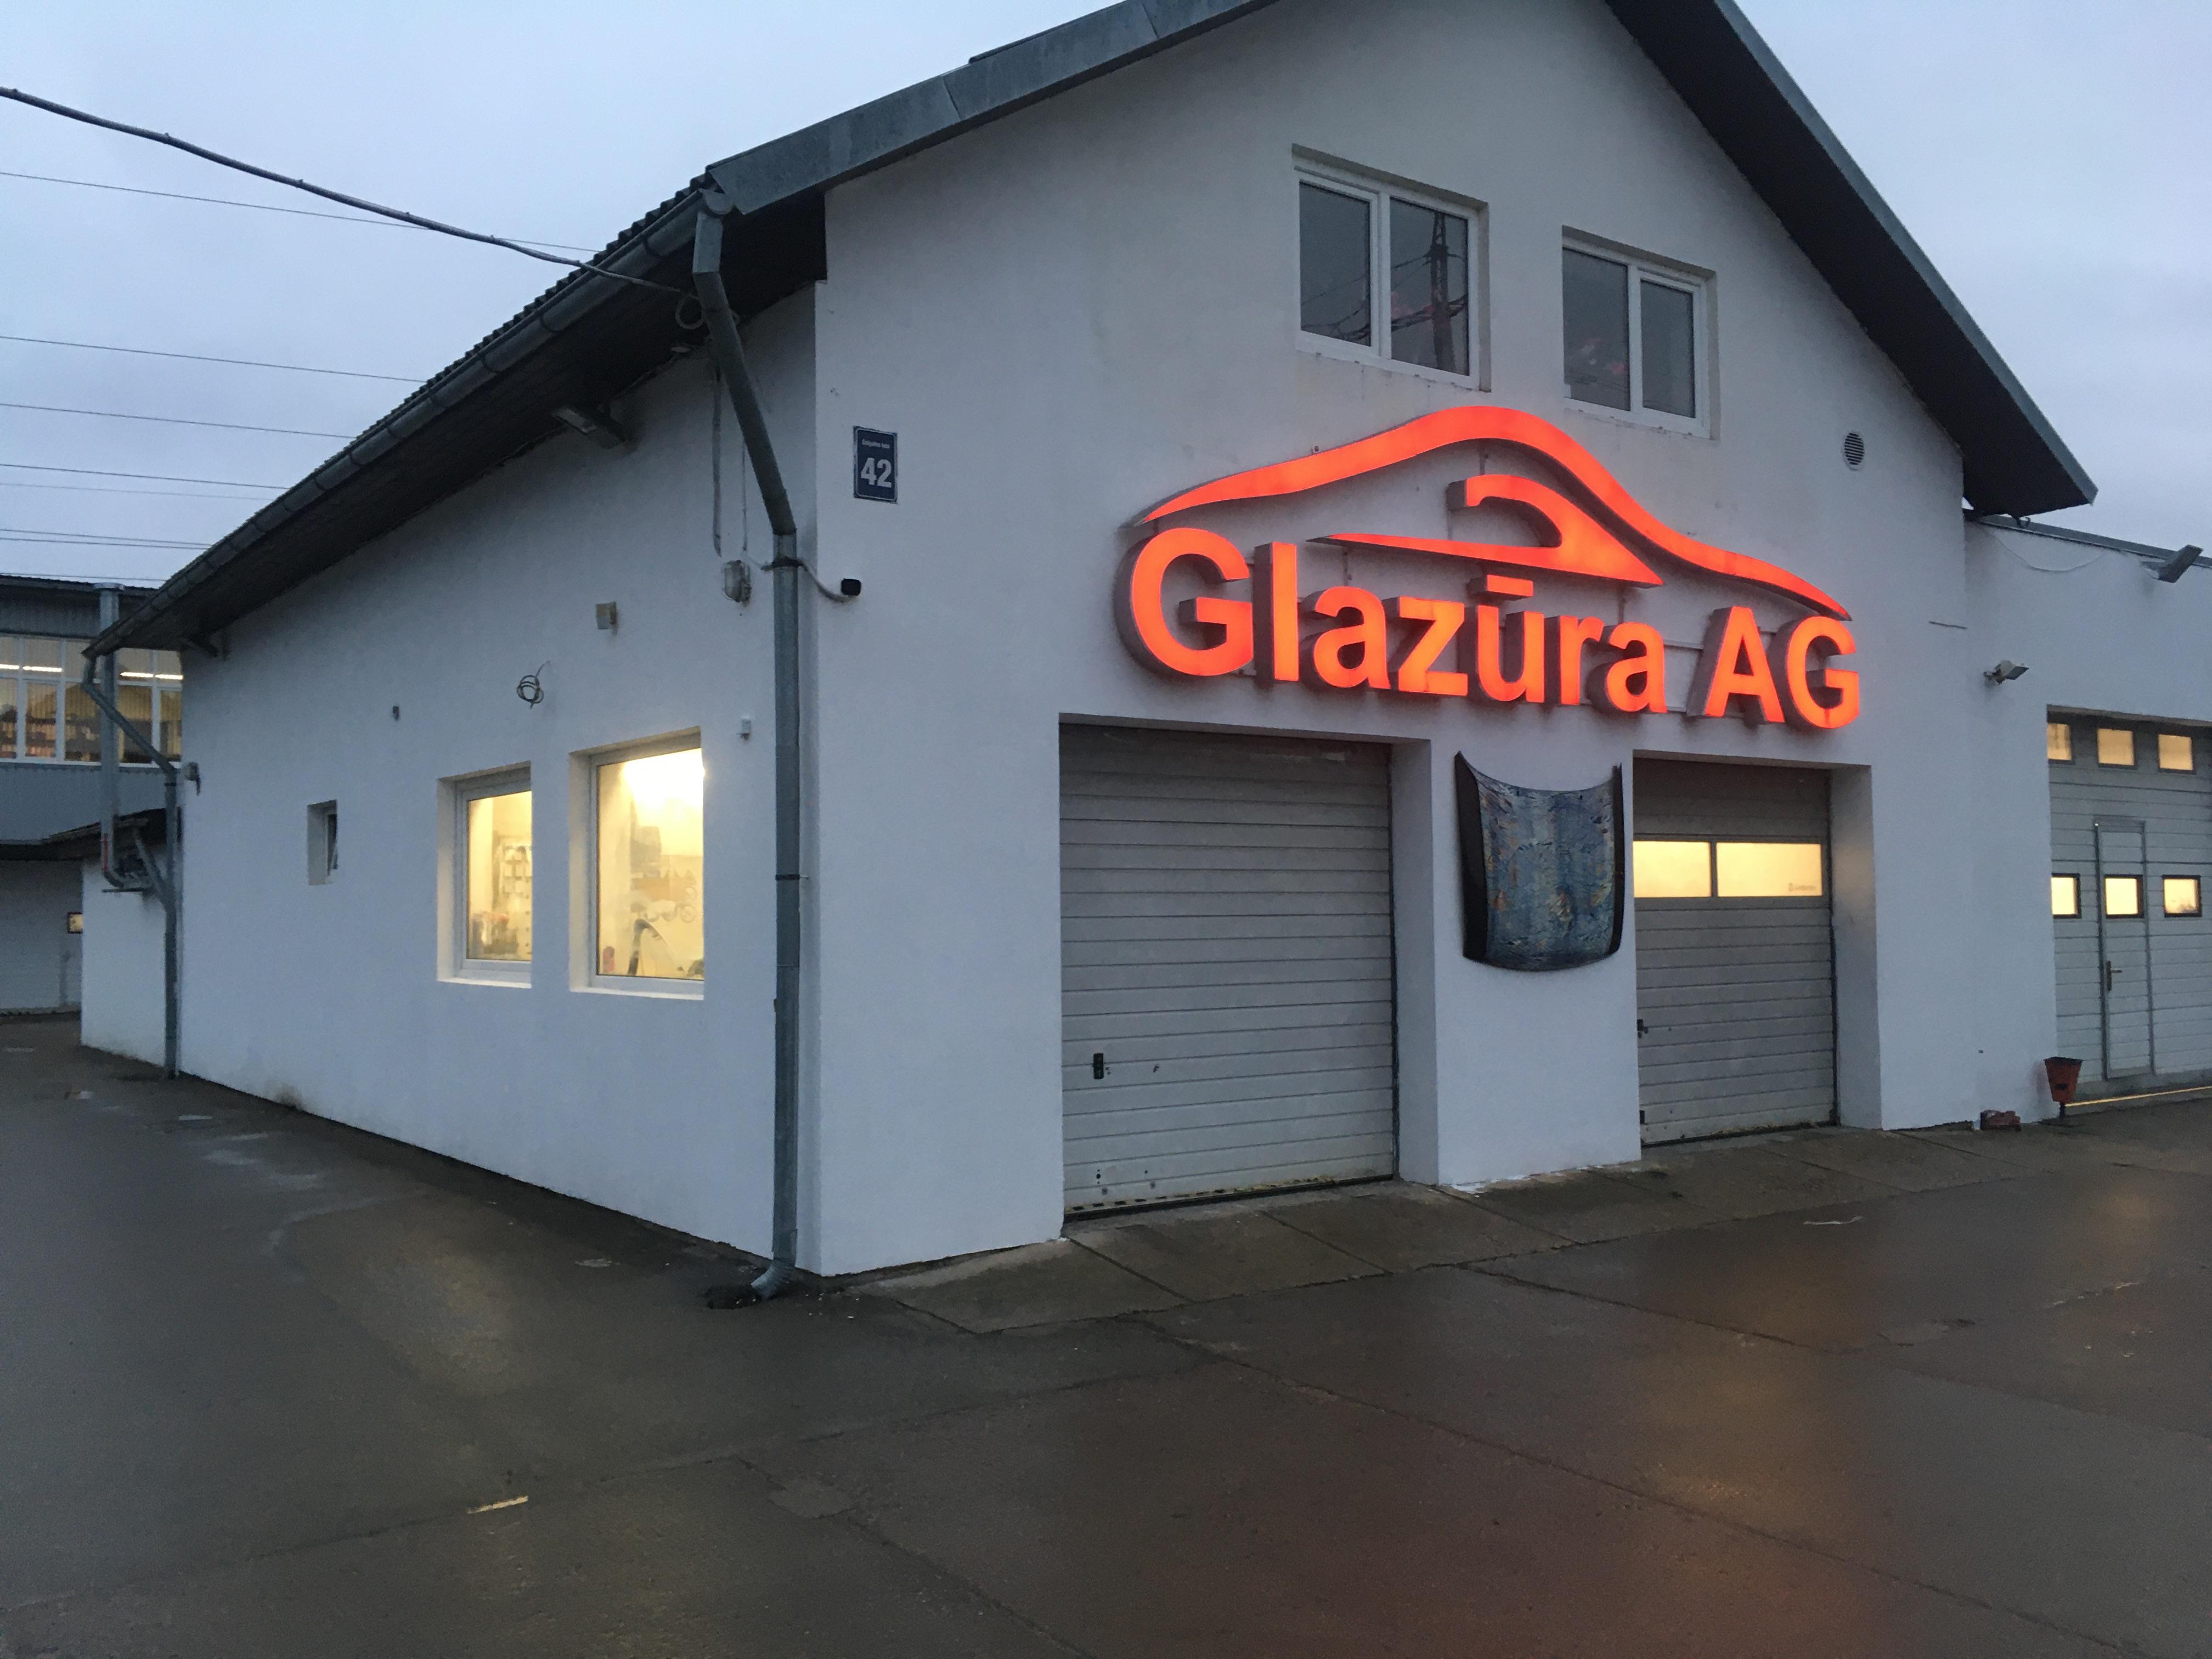 Glazūra AG